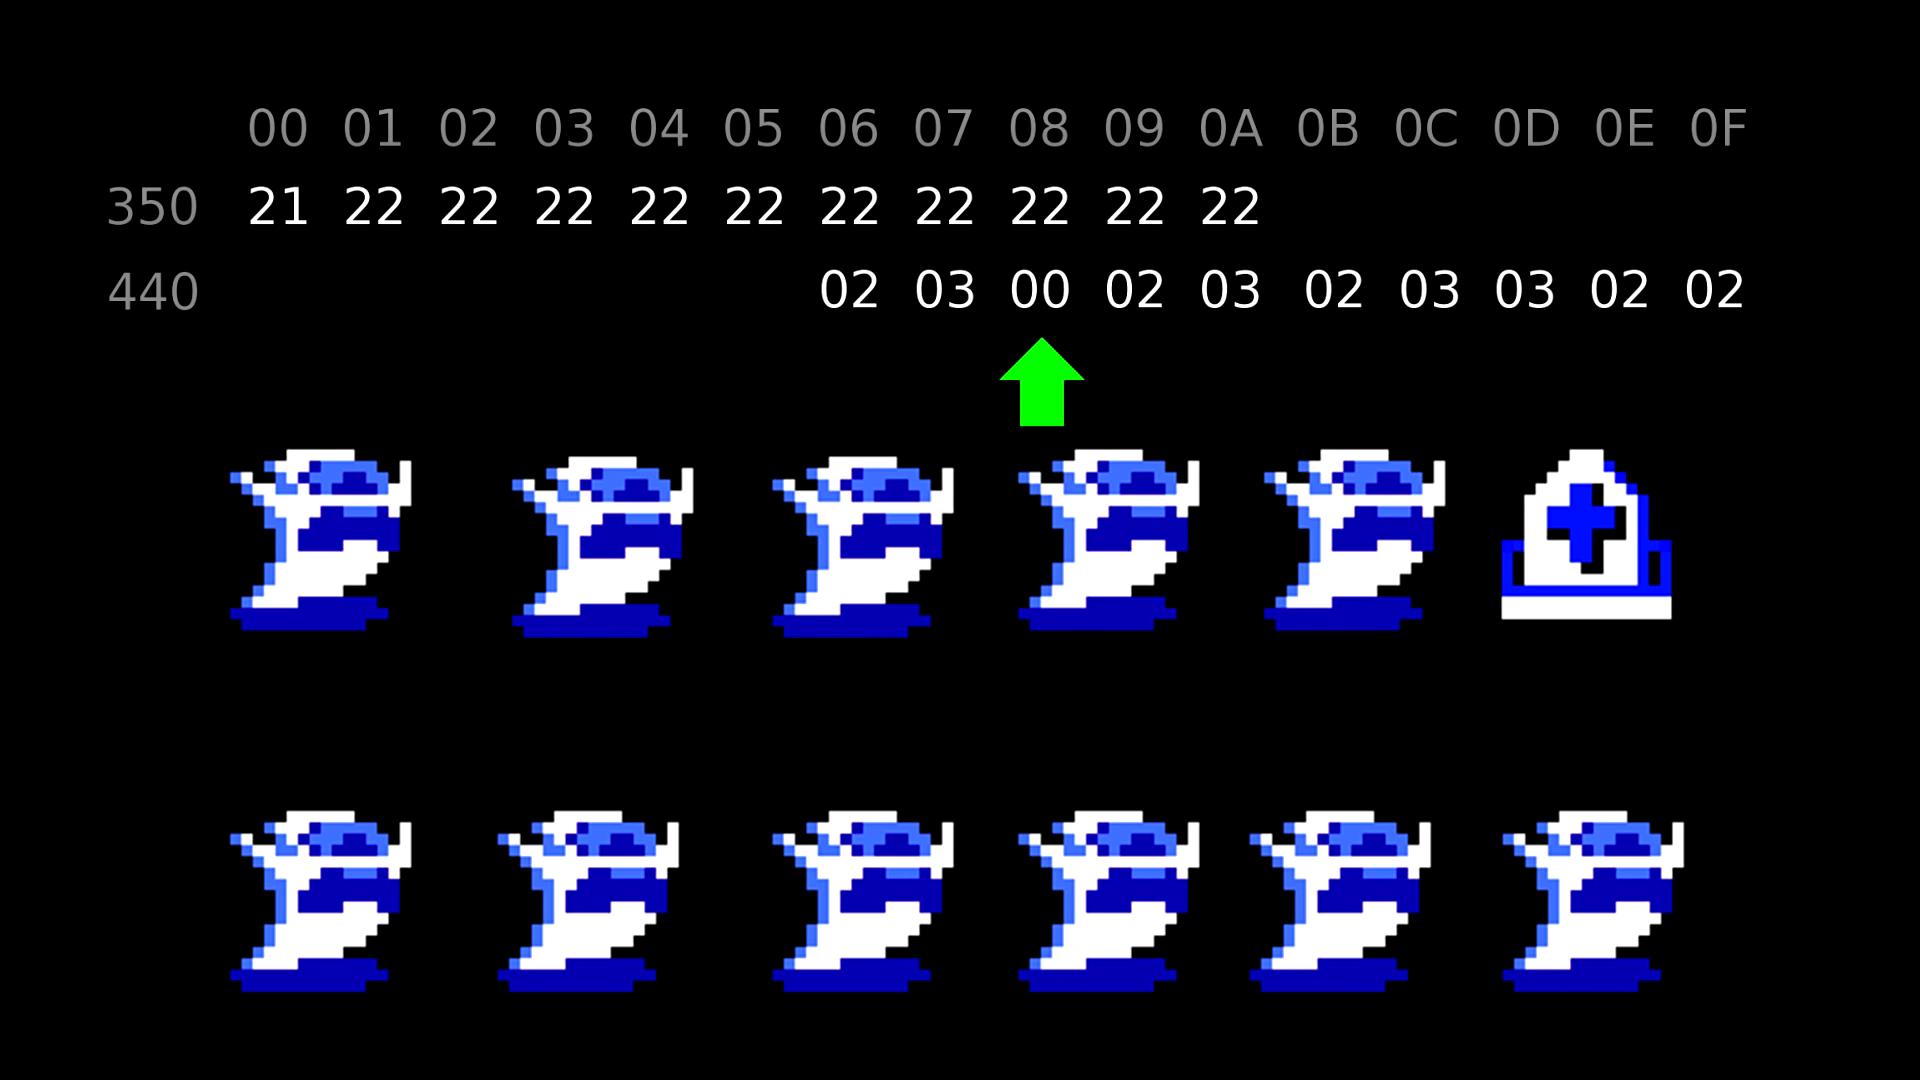 Спидран Legend of Zelda путём манипуляций памятью игры - 6